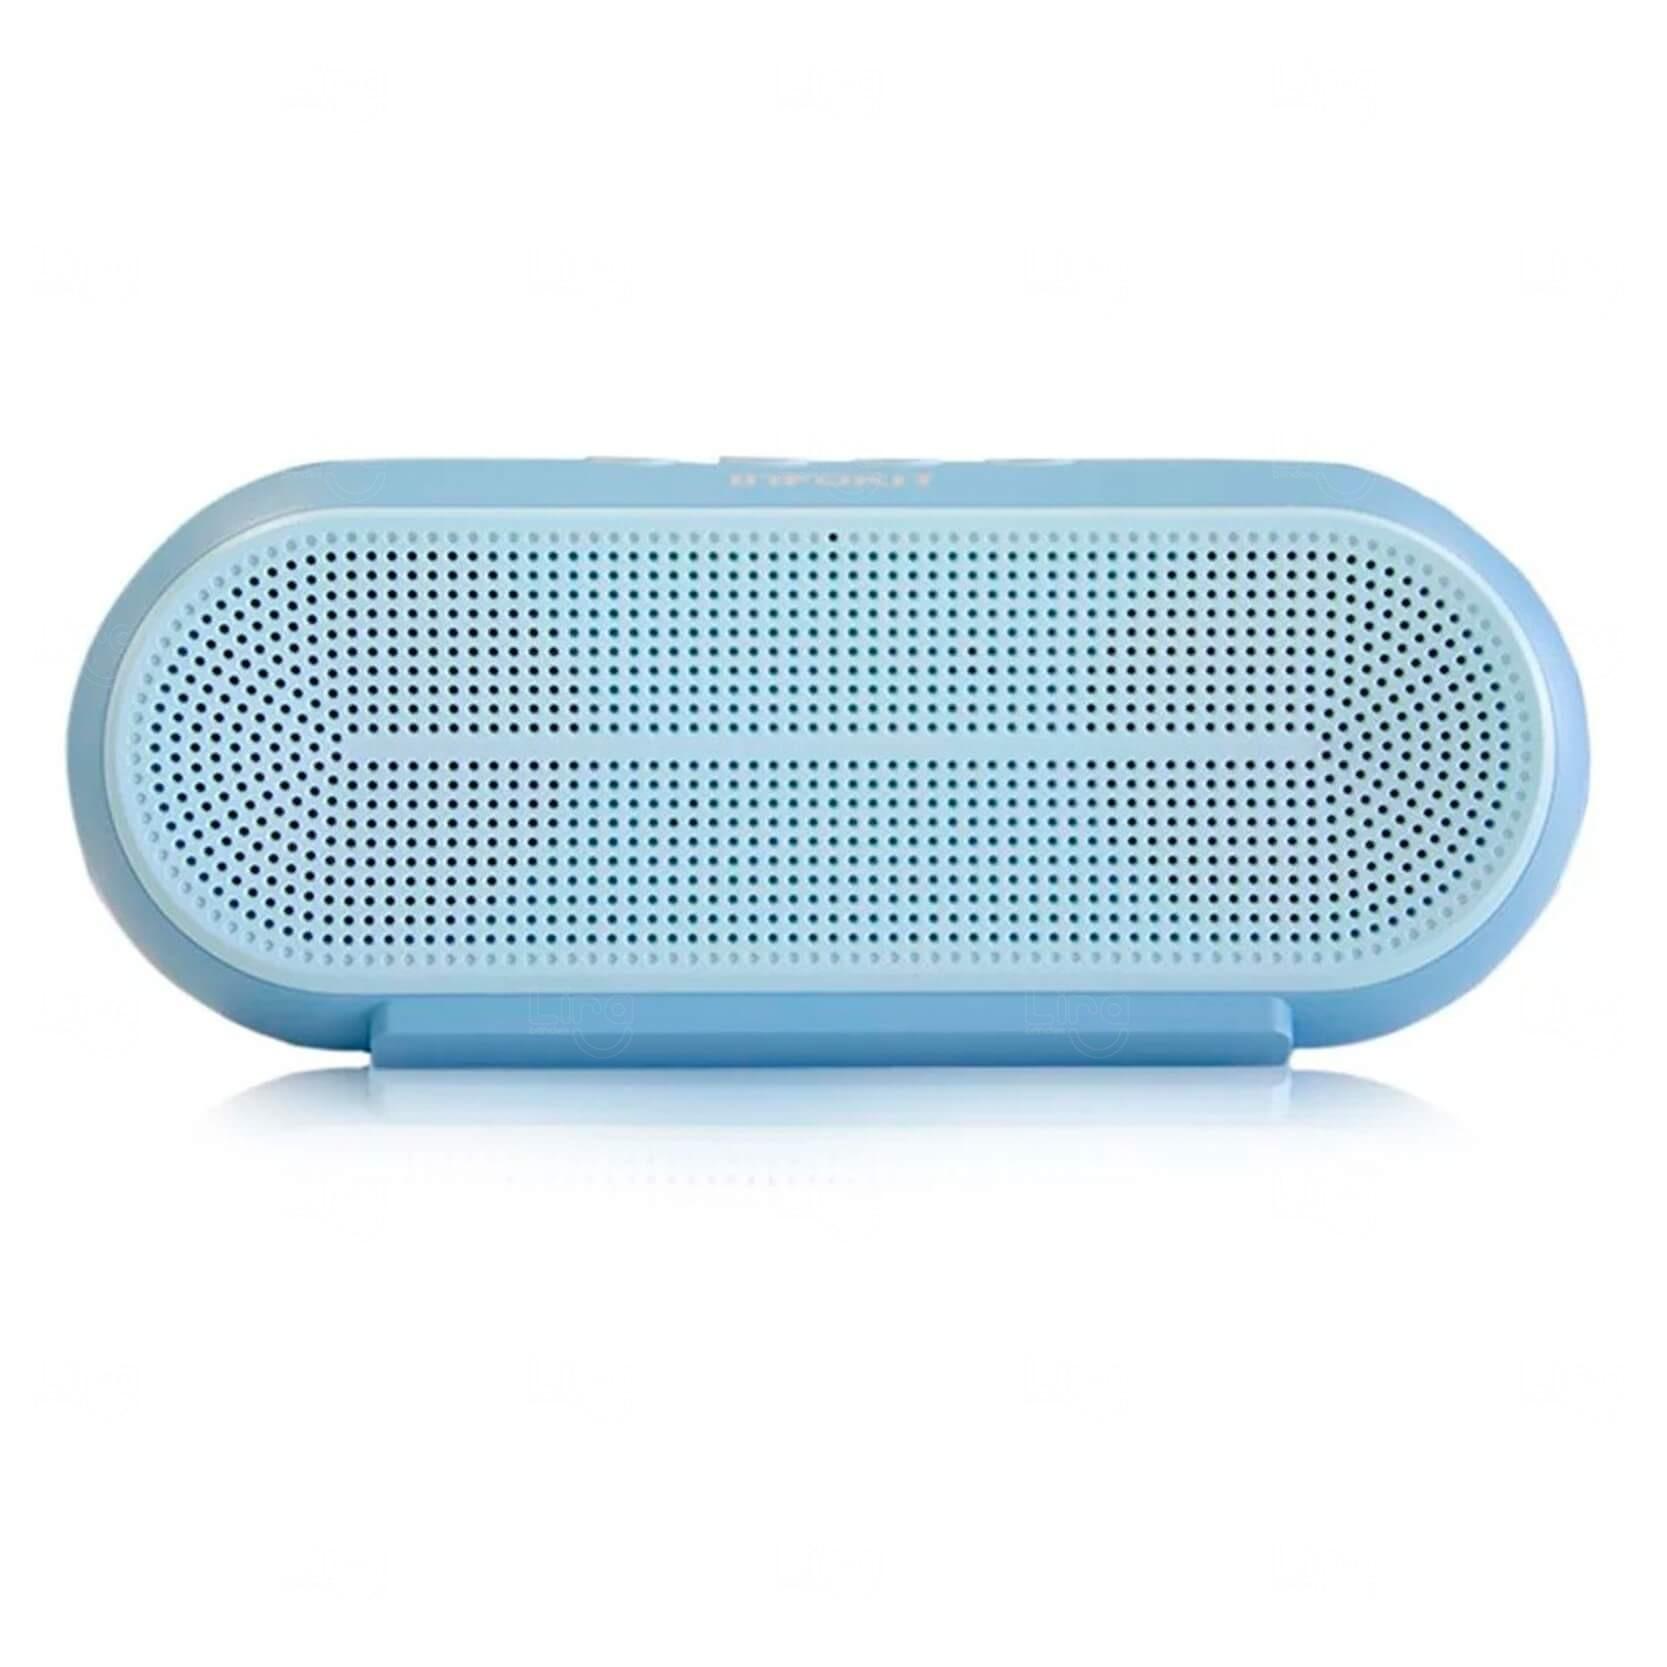 Caixa De Som Bluetooth Personalizada Azul Claro